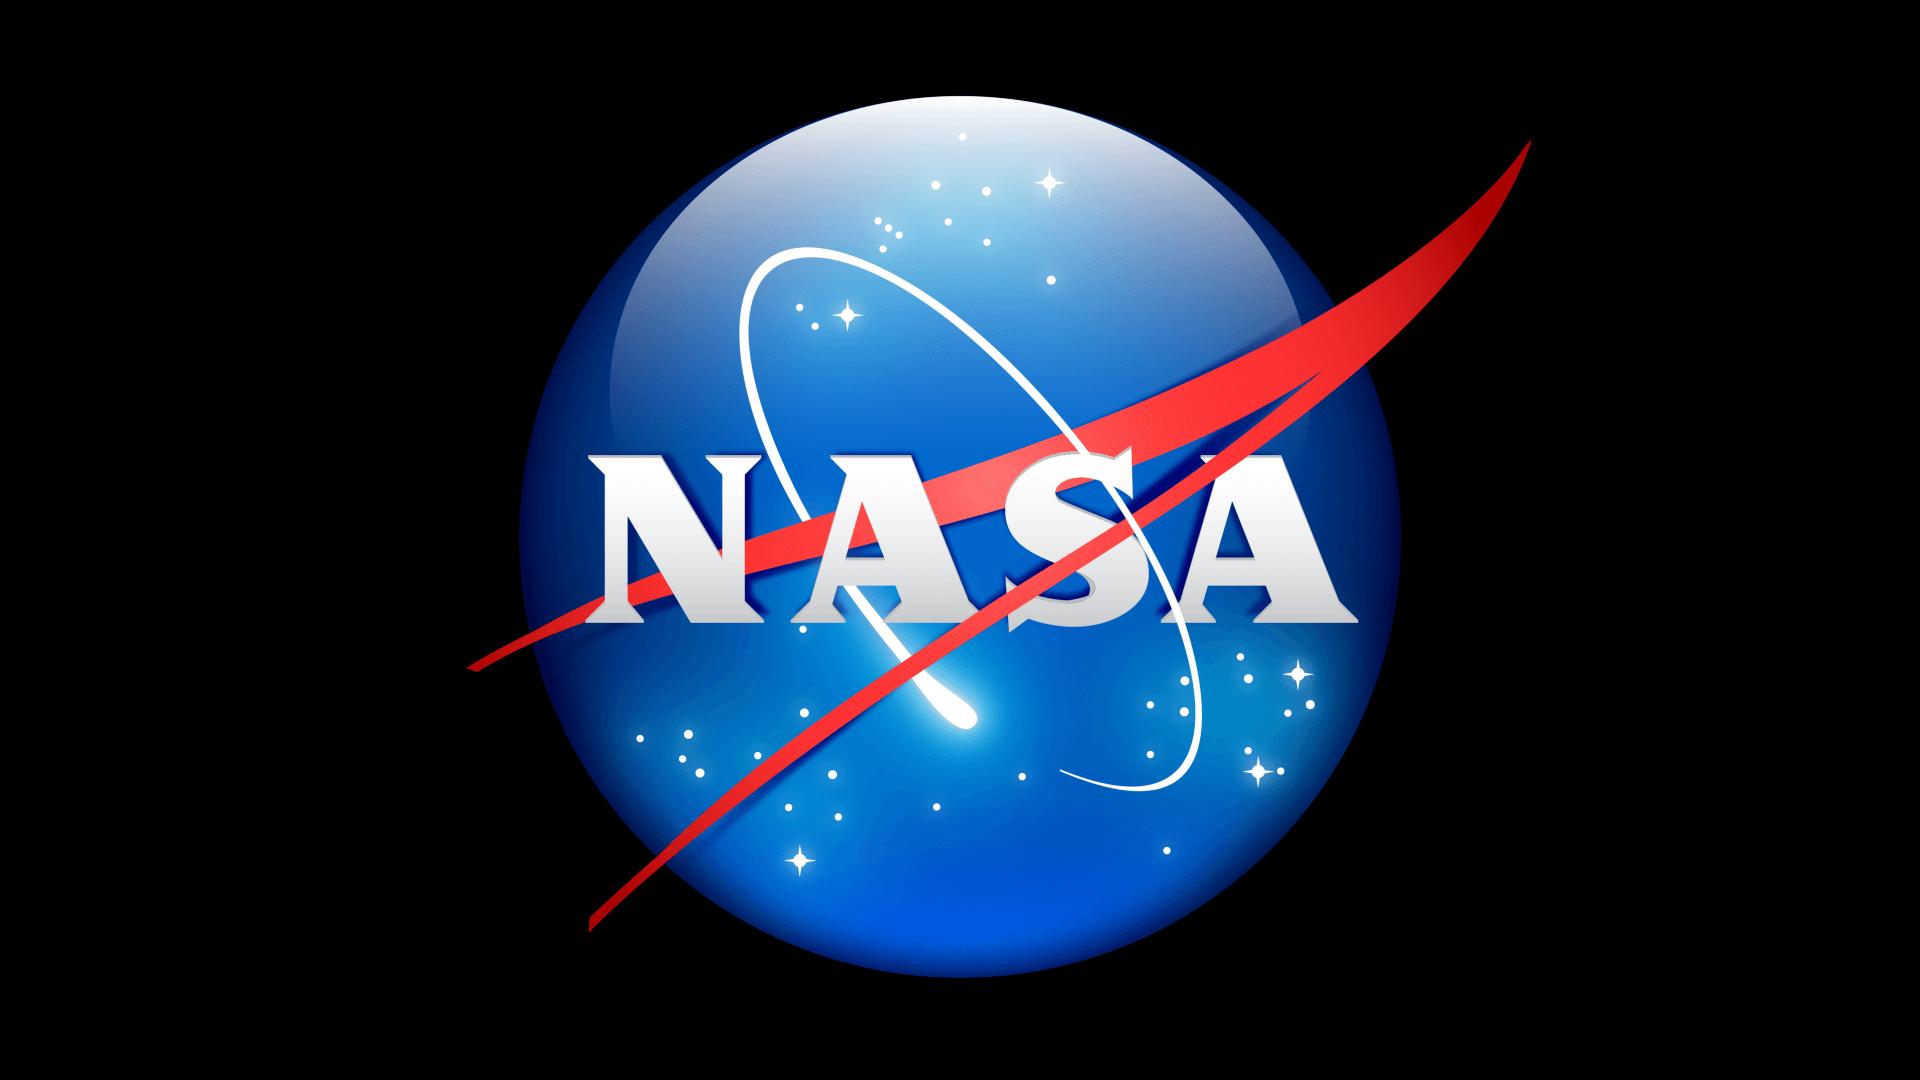 NASA использует технологию смешанной реальности для тренировки астронавтов